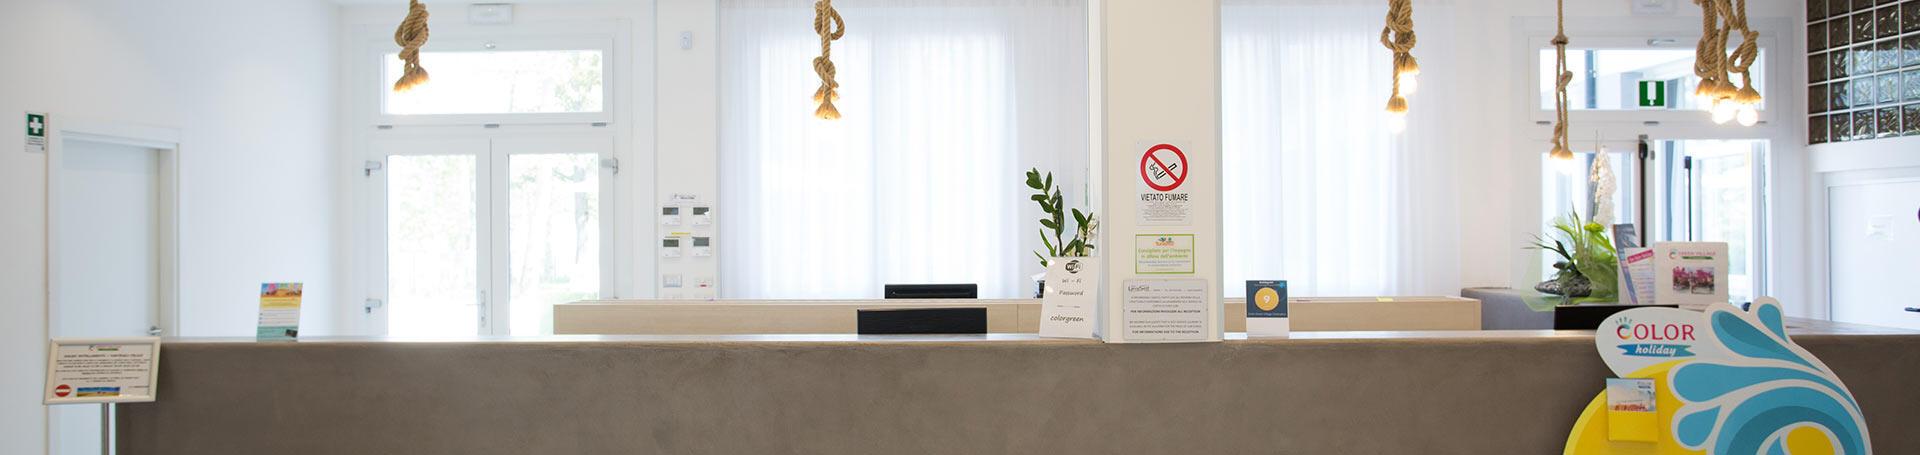 greenvillagecesenatico it recensioni-e-commenti 009